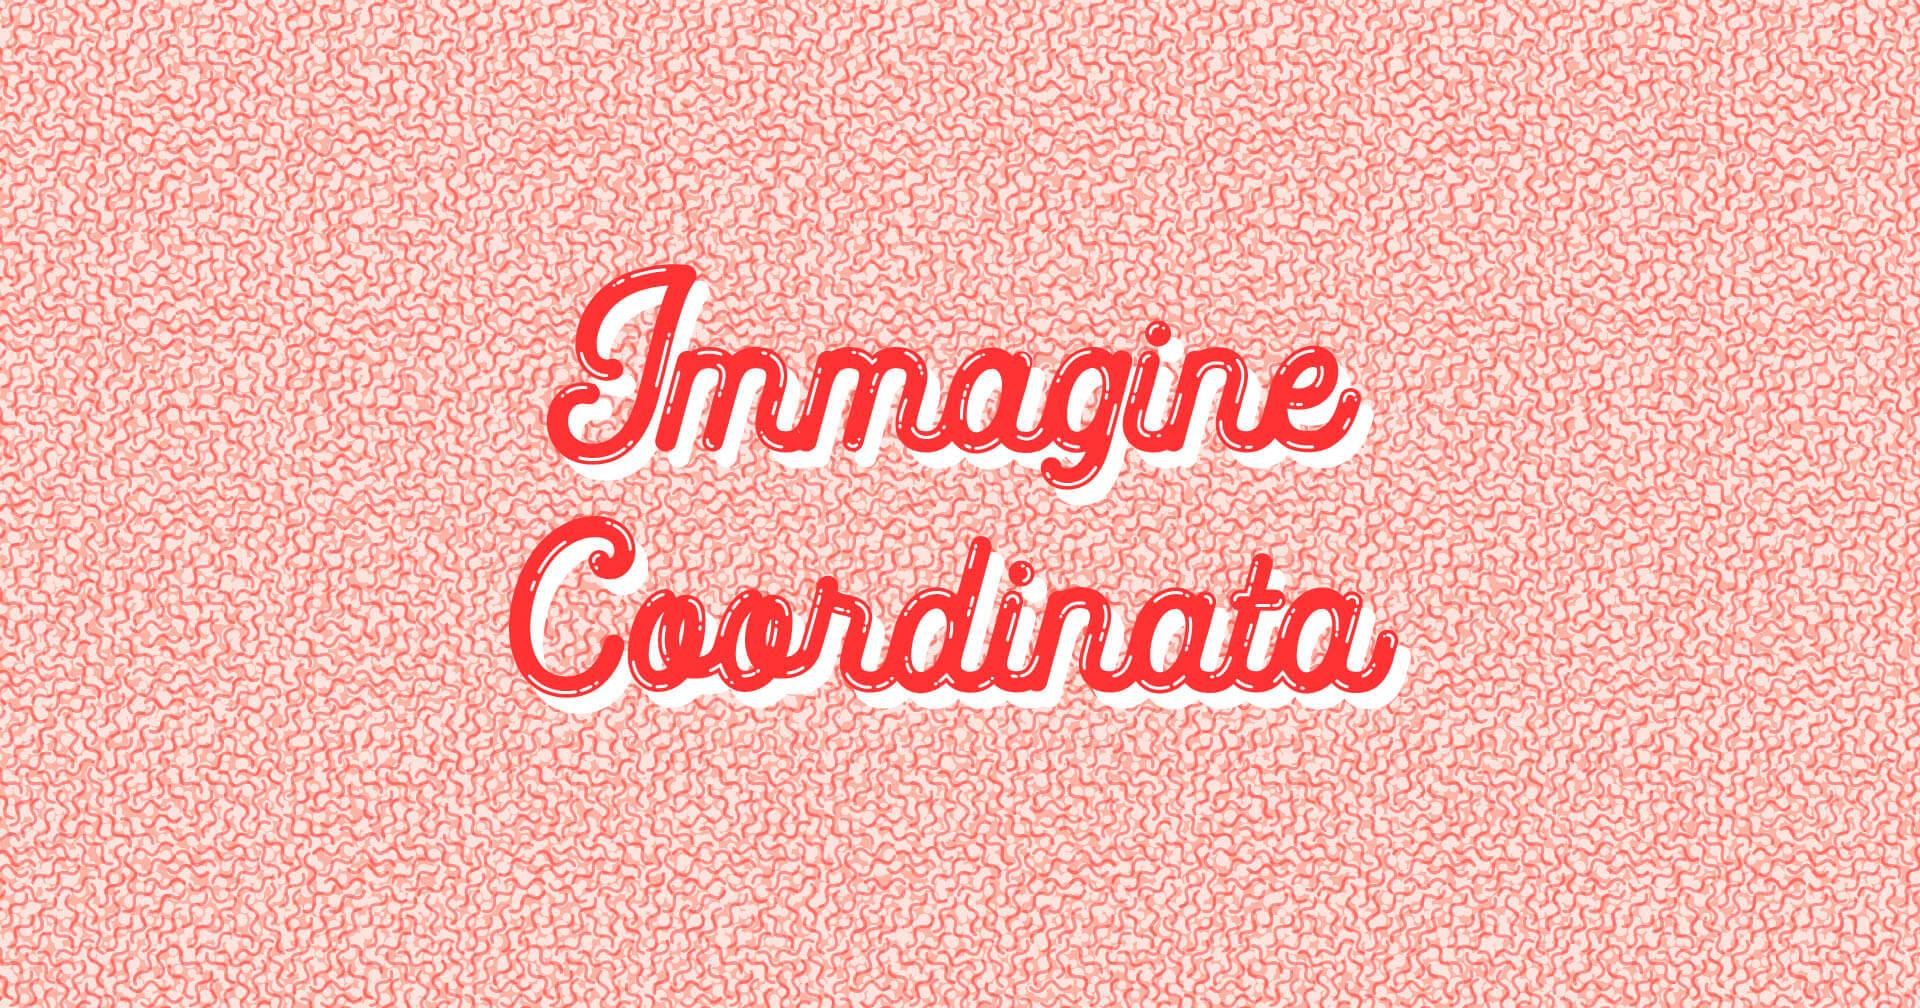 Articolo su cos'è un'immagine coordinata, grafica, dal blog di Marianna Milione